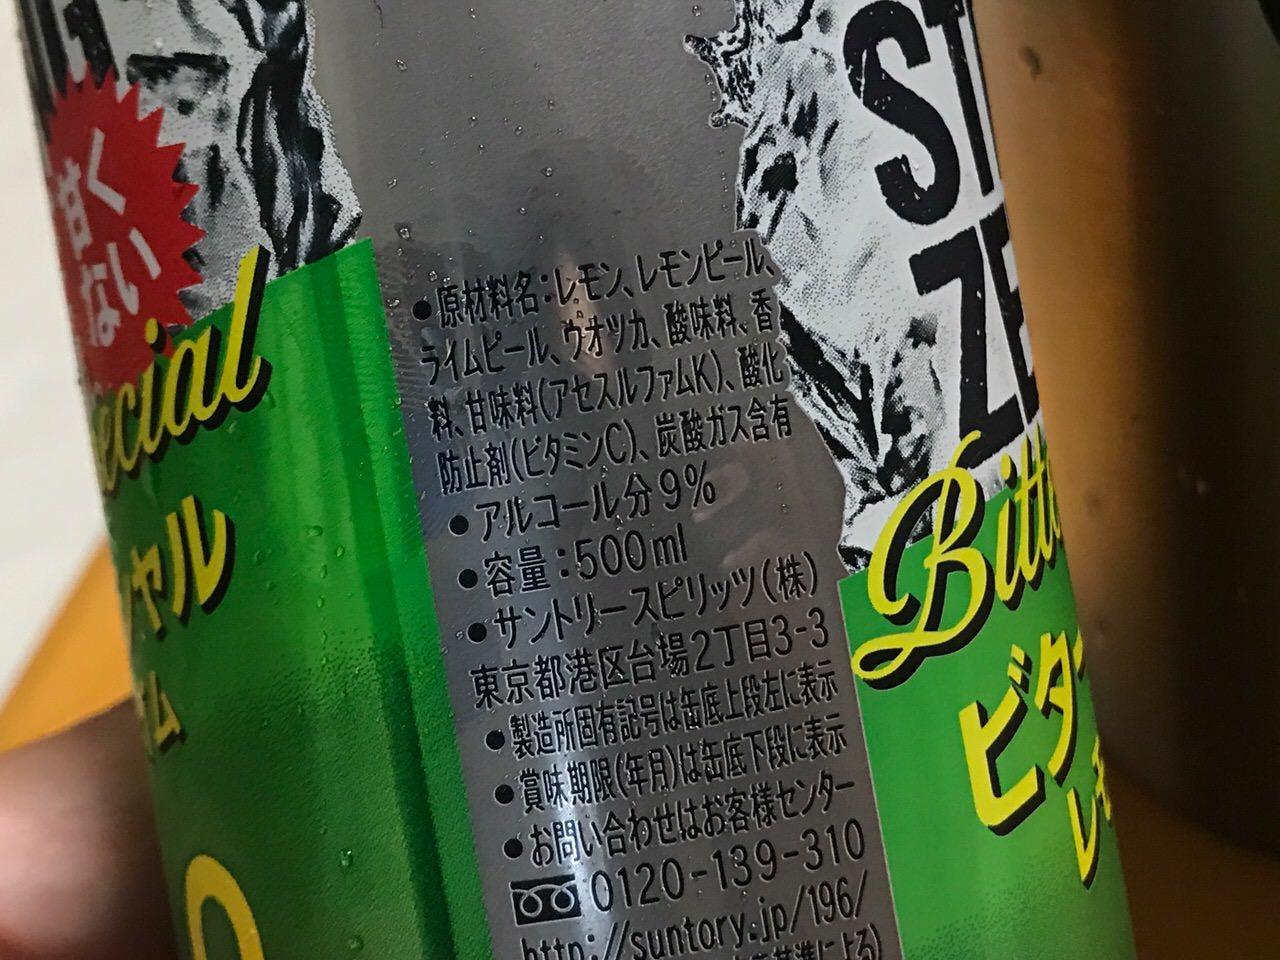 ストロングゼロ ビタースペシャル レモン&ライム 06